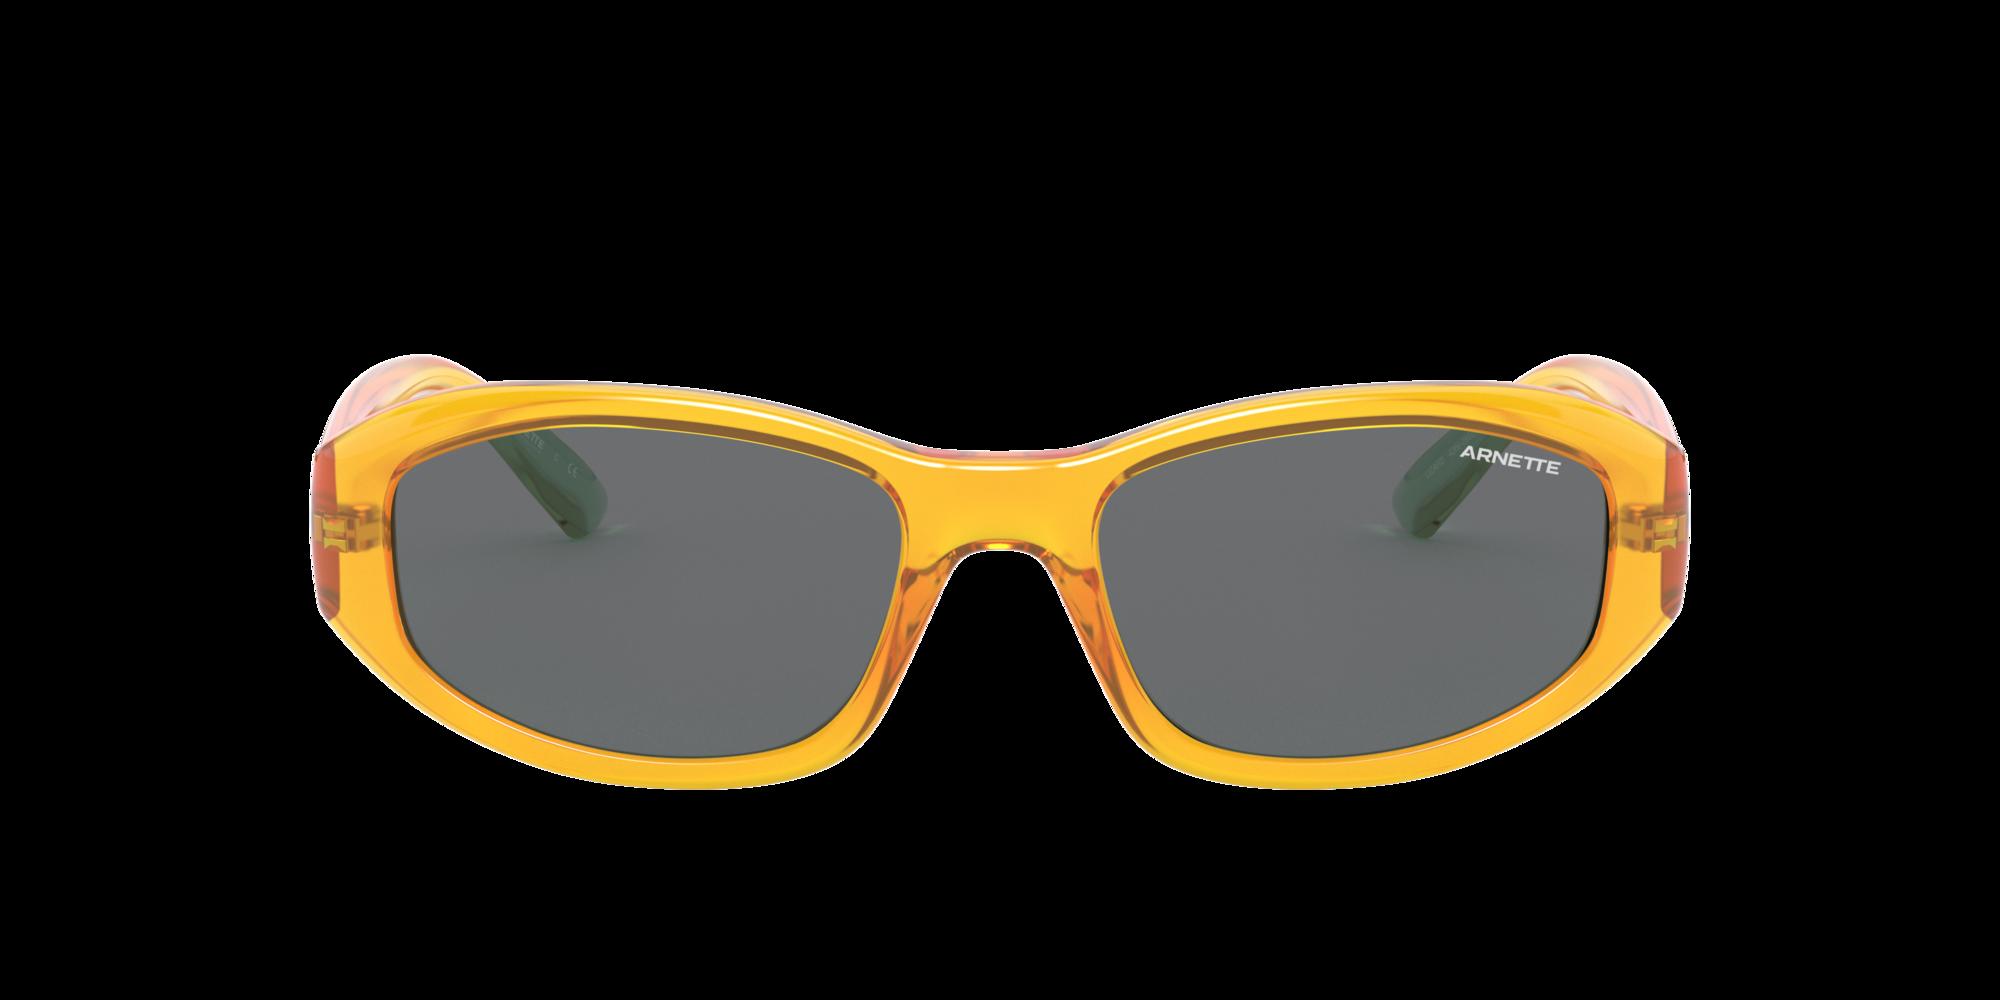 Imagen para AN4266 54 LIZARD de LensCrafters |  Espejuelos, espejuelos graduados en línea, gafas